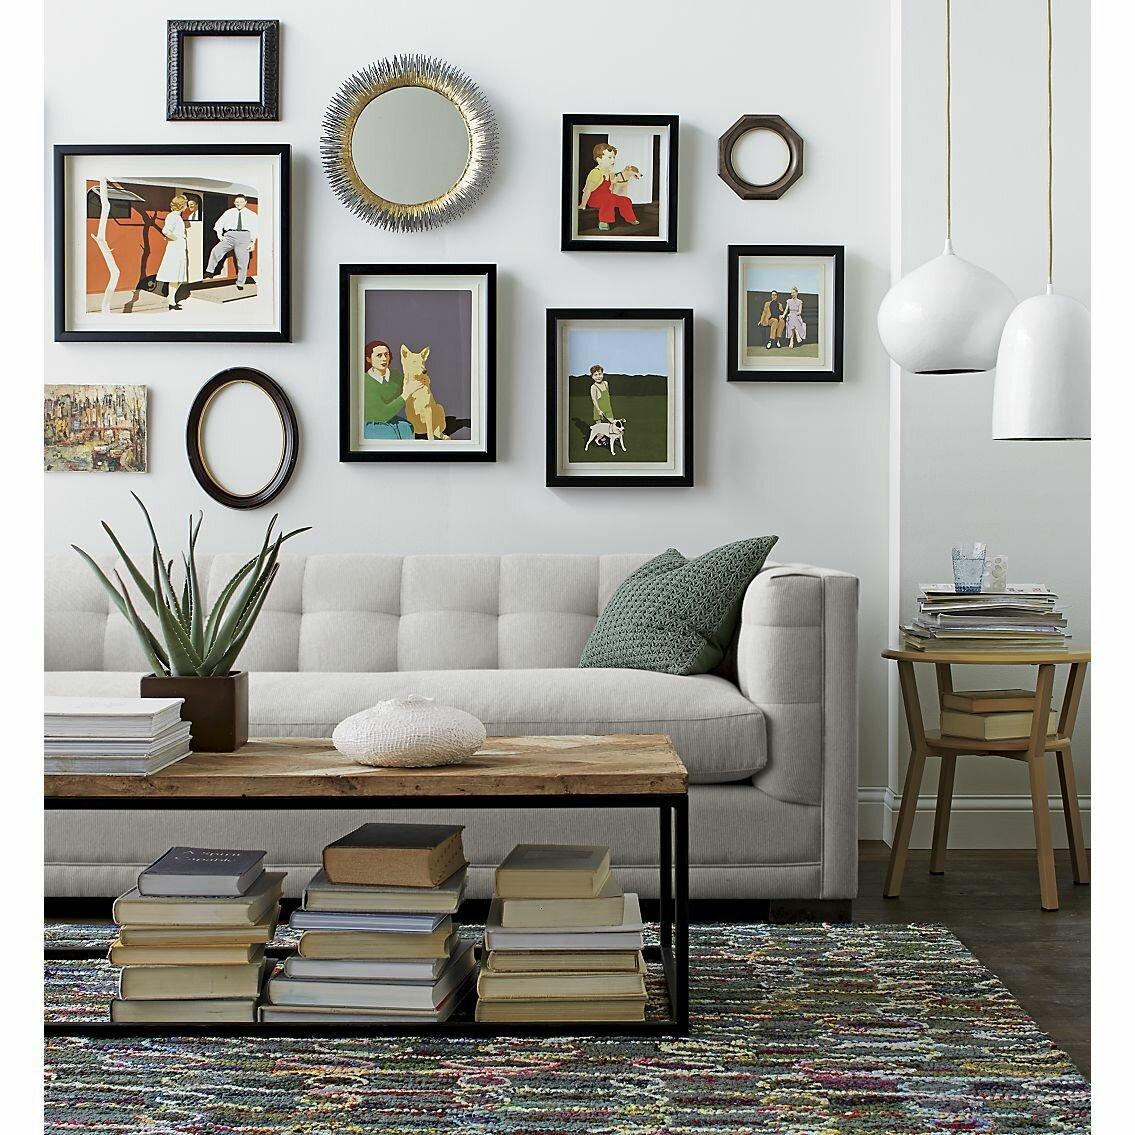 качестве ликбеза, оформление стены над диваном в гостиной фото просматривала